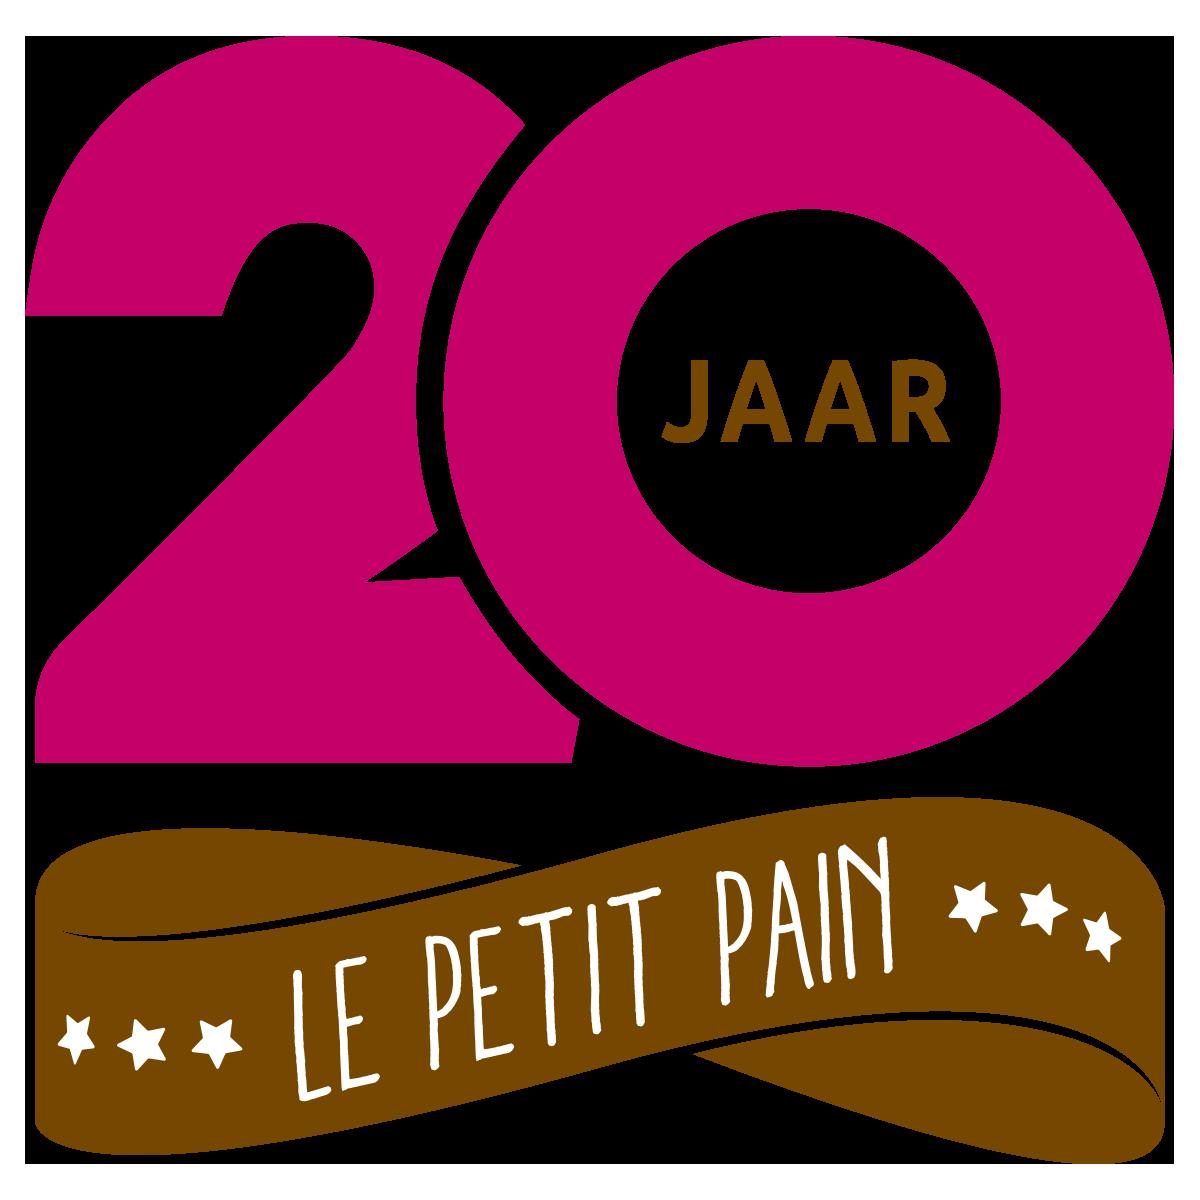 20 jaar Le Petit Pain